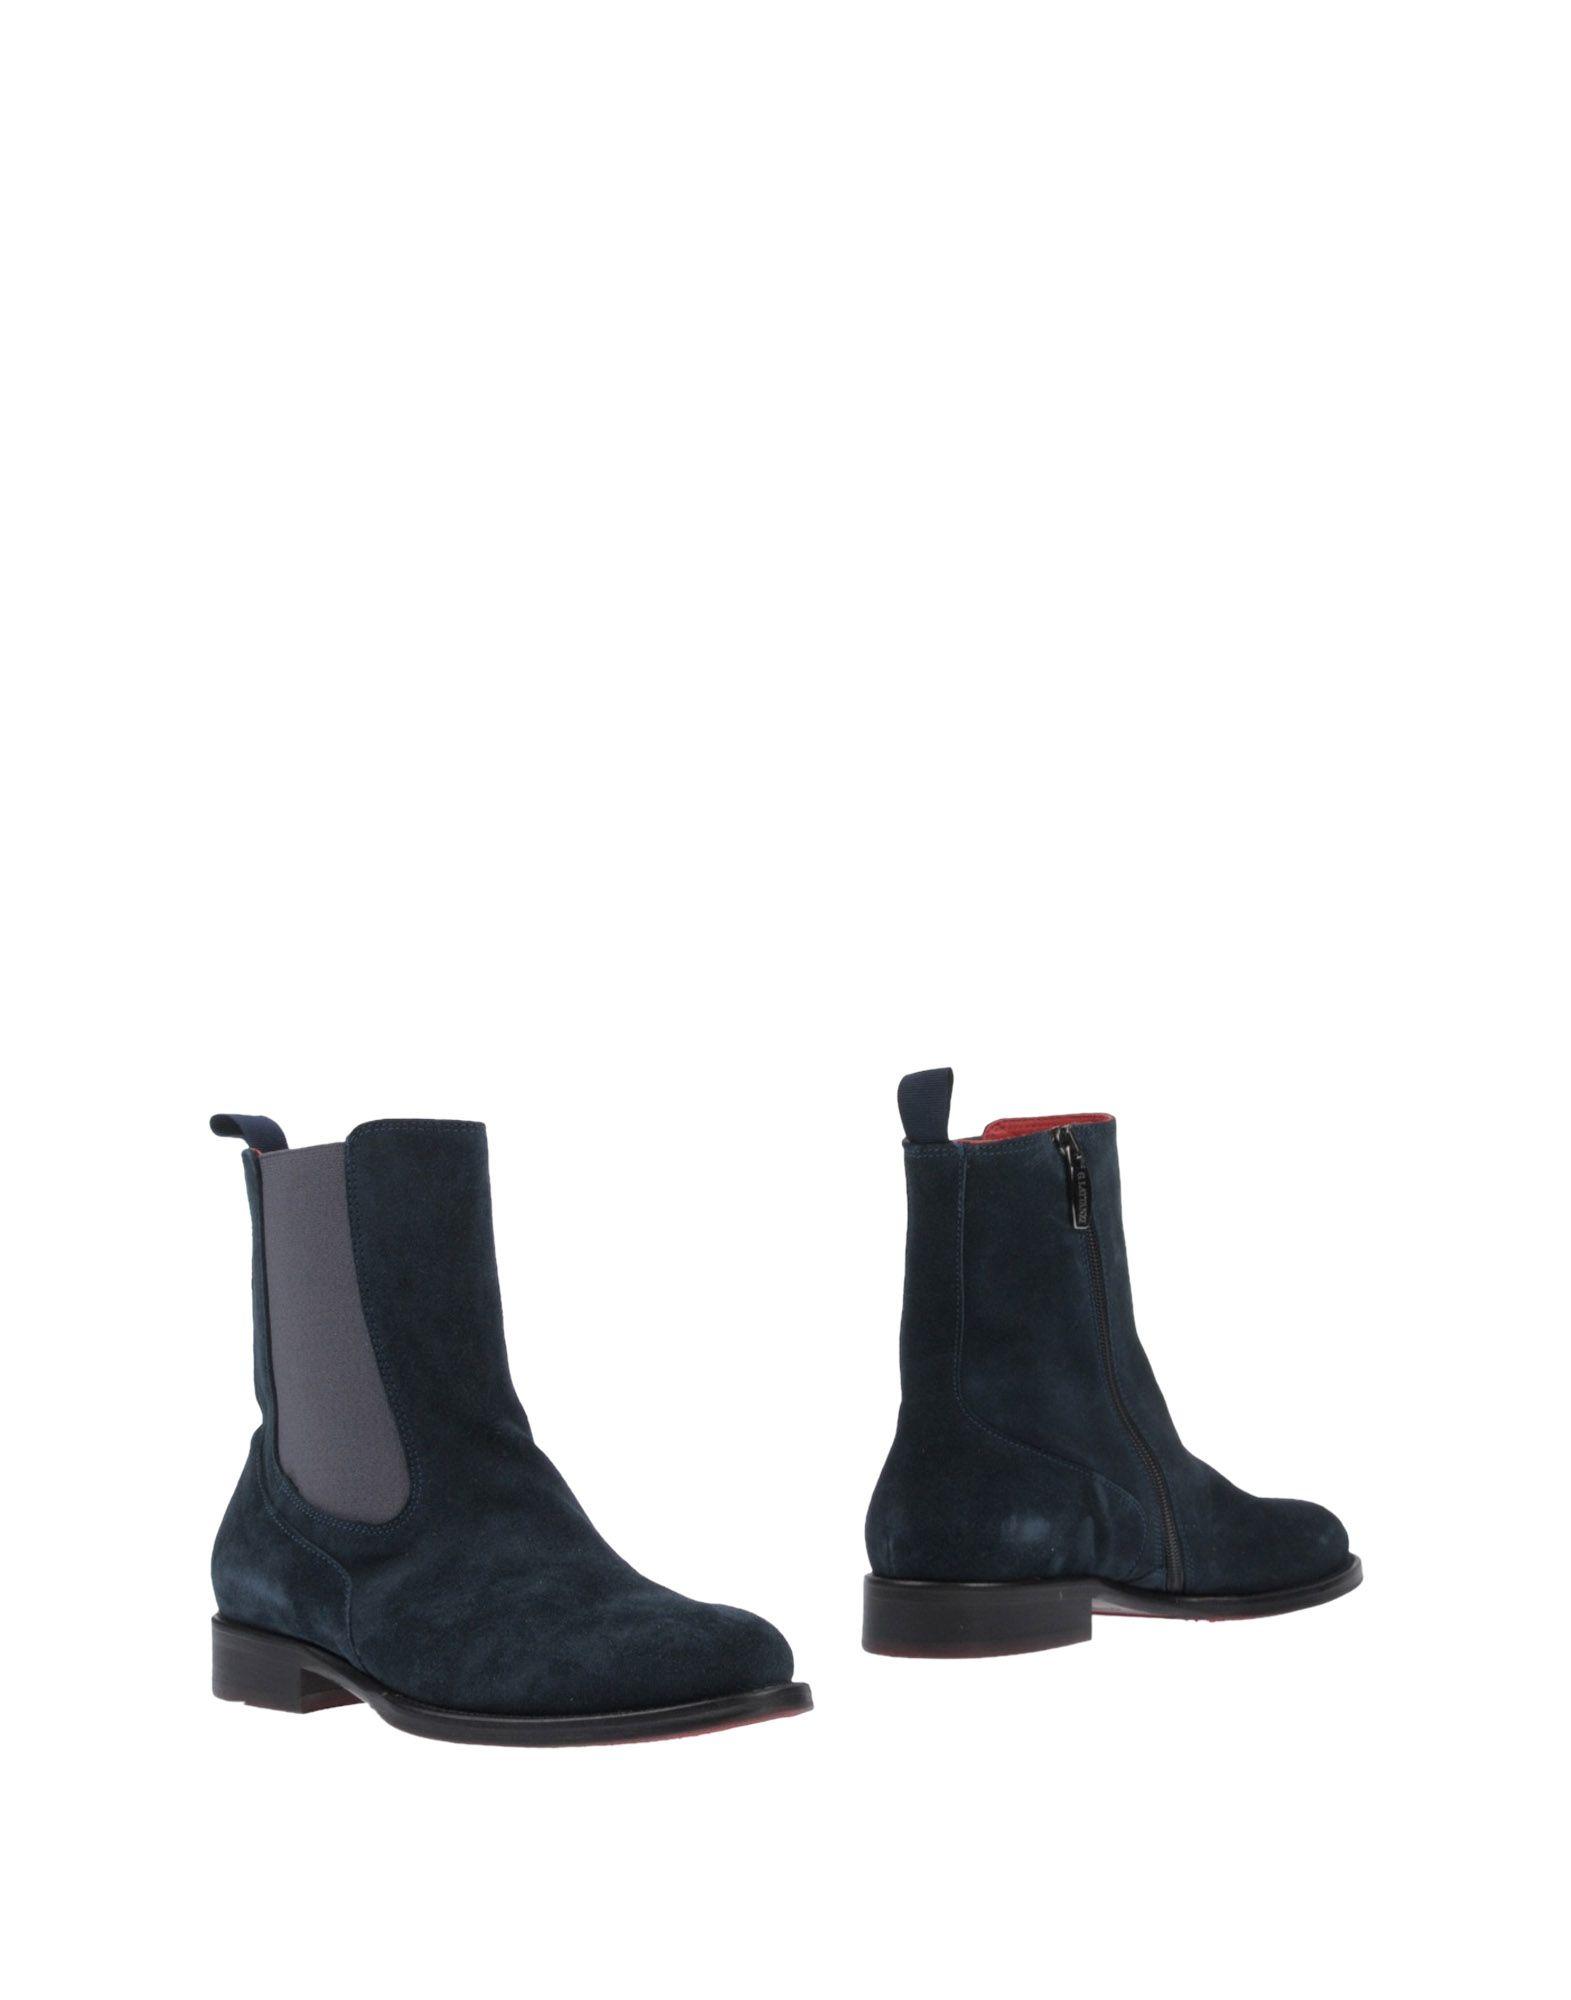 Sneakers Lumberjack Donna - 11441566PF Scarpe economiche e buone